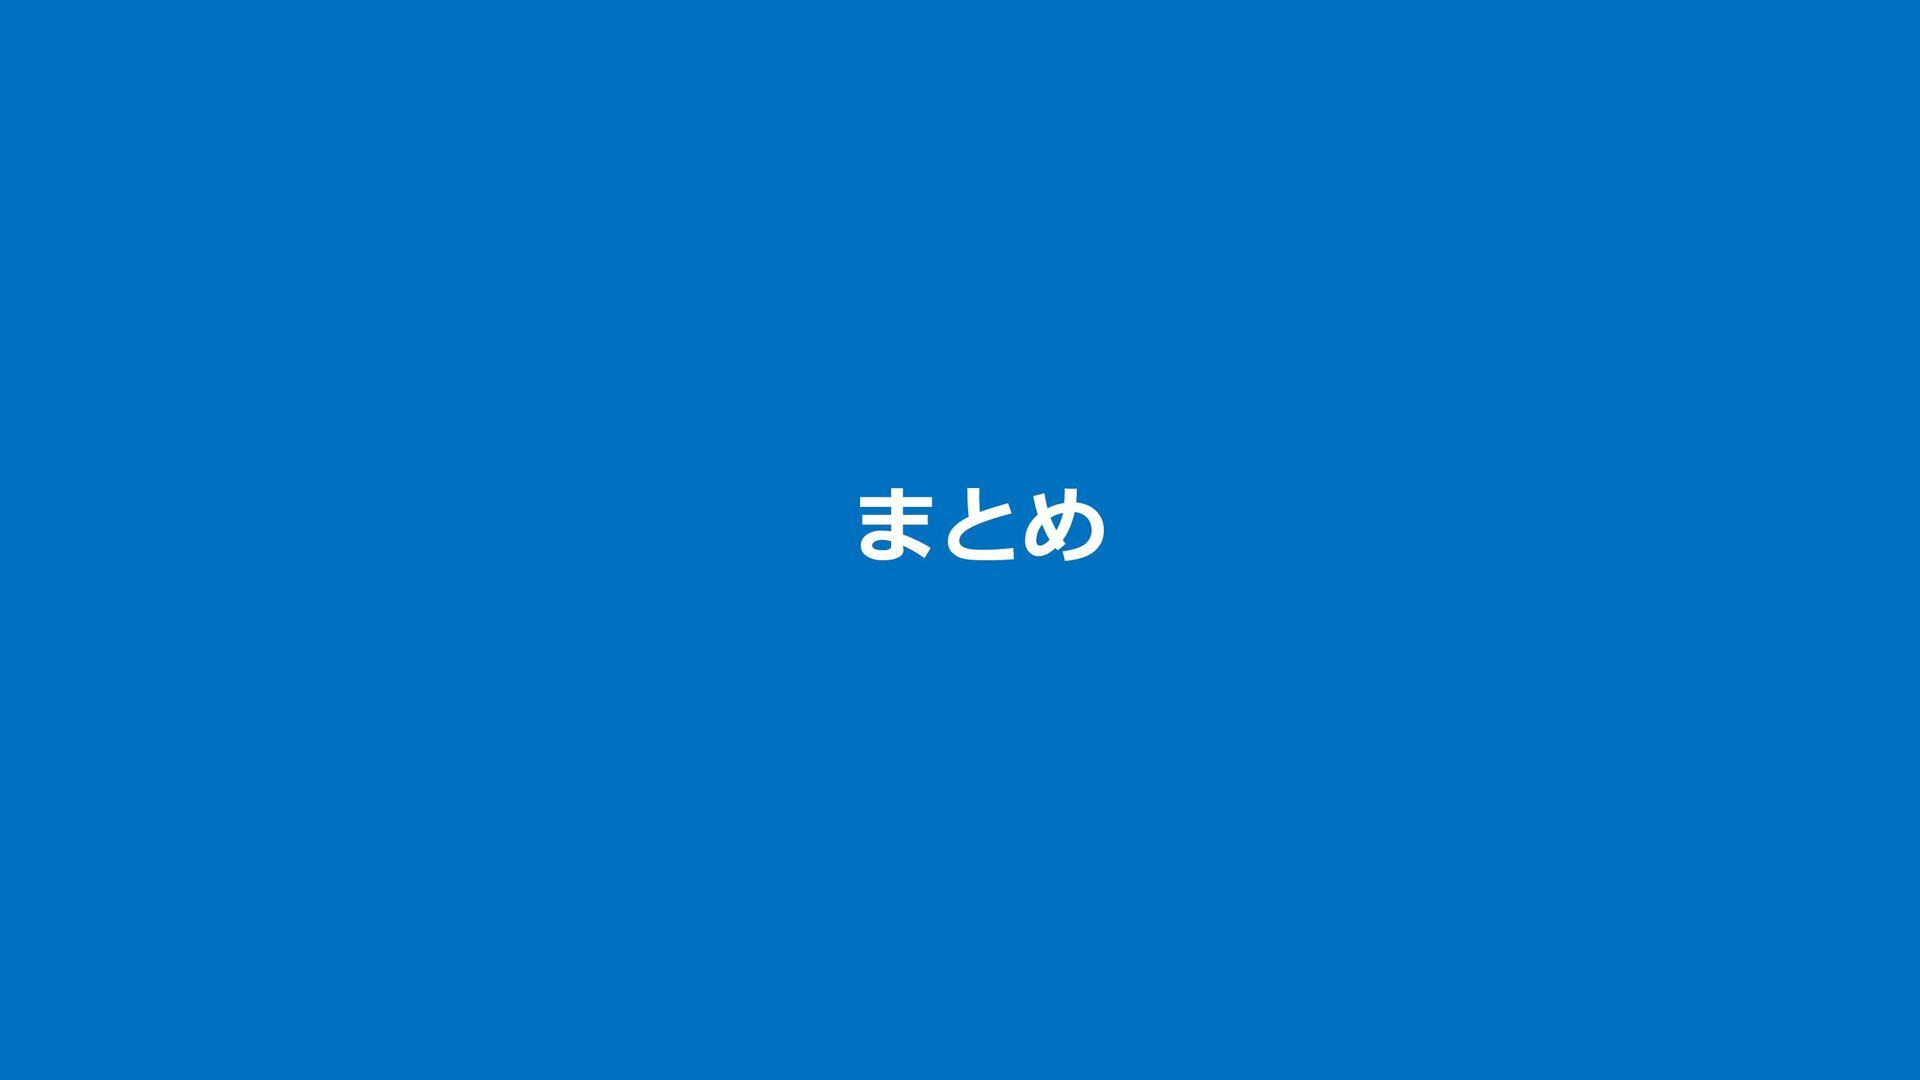 その5︓パッチ適⽤・アップデート OEM ベンダ提供 Hardware/Software Up...